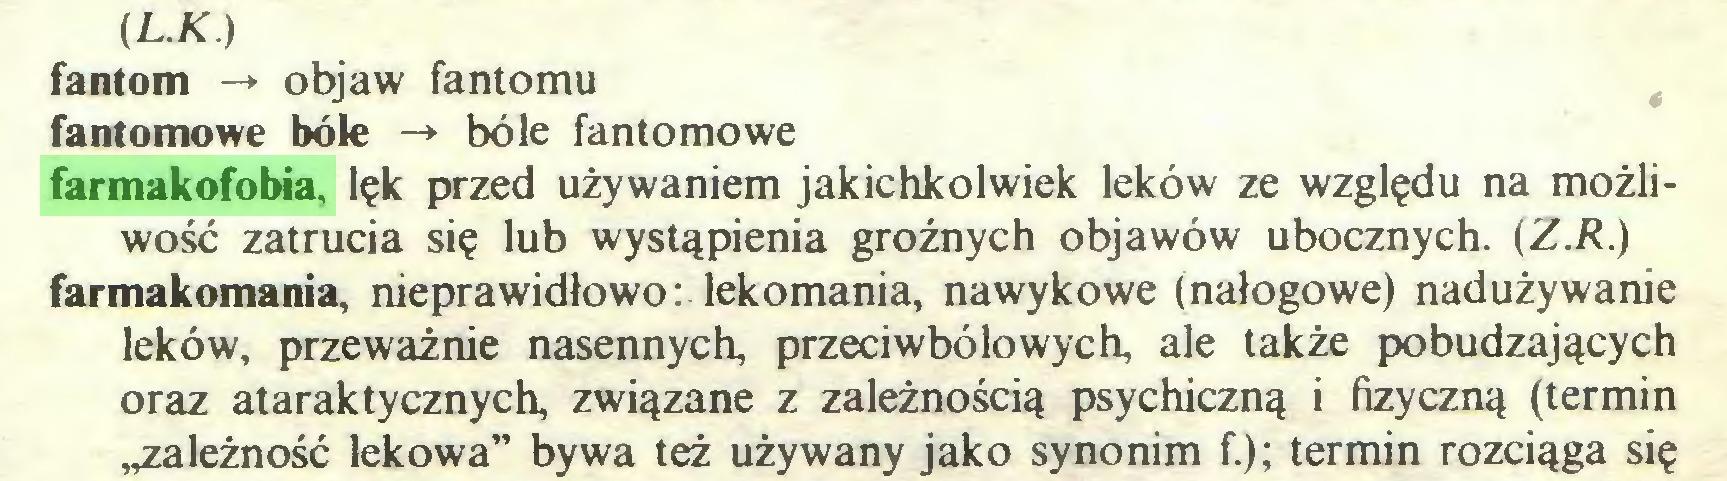 """(...) (L.K.) fantom -» objaw fantomu fantomowe bóle -» bóle fantomowe farmakofobia, lęk przed używaniem jakichkolwiek leków ze względu na możliwość zatrucia się lub wystąpienia groźnych objawów ubocznych. (Z.R.) farmakomania, nieprawidłowo: lekomania, nawykowe (nałogowe) nadużywanie leków, przeważnie nasennych, przeciwbólowych, ale także pobudzających oraz ataraktycznych, związane z zależnością psychiczną i fizyczną (termin ,należność lekowa"""" bywa też używany jako synonim f.); termin rozciąga się..."""